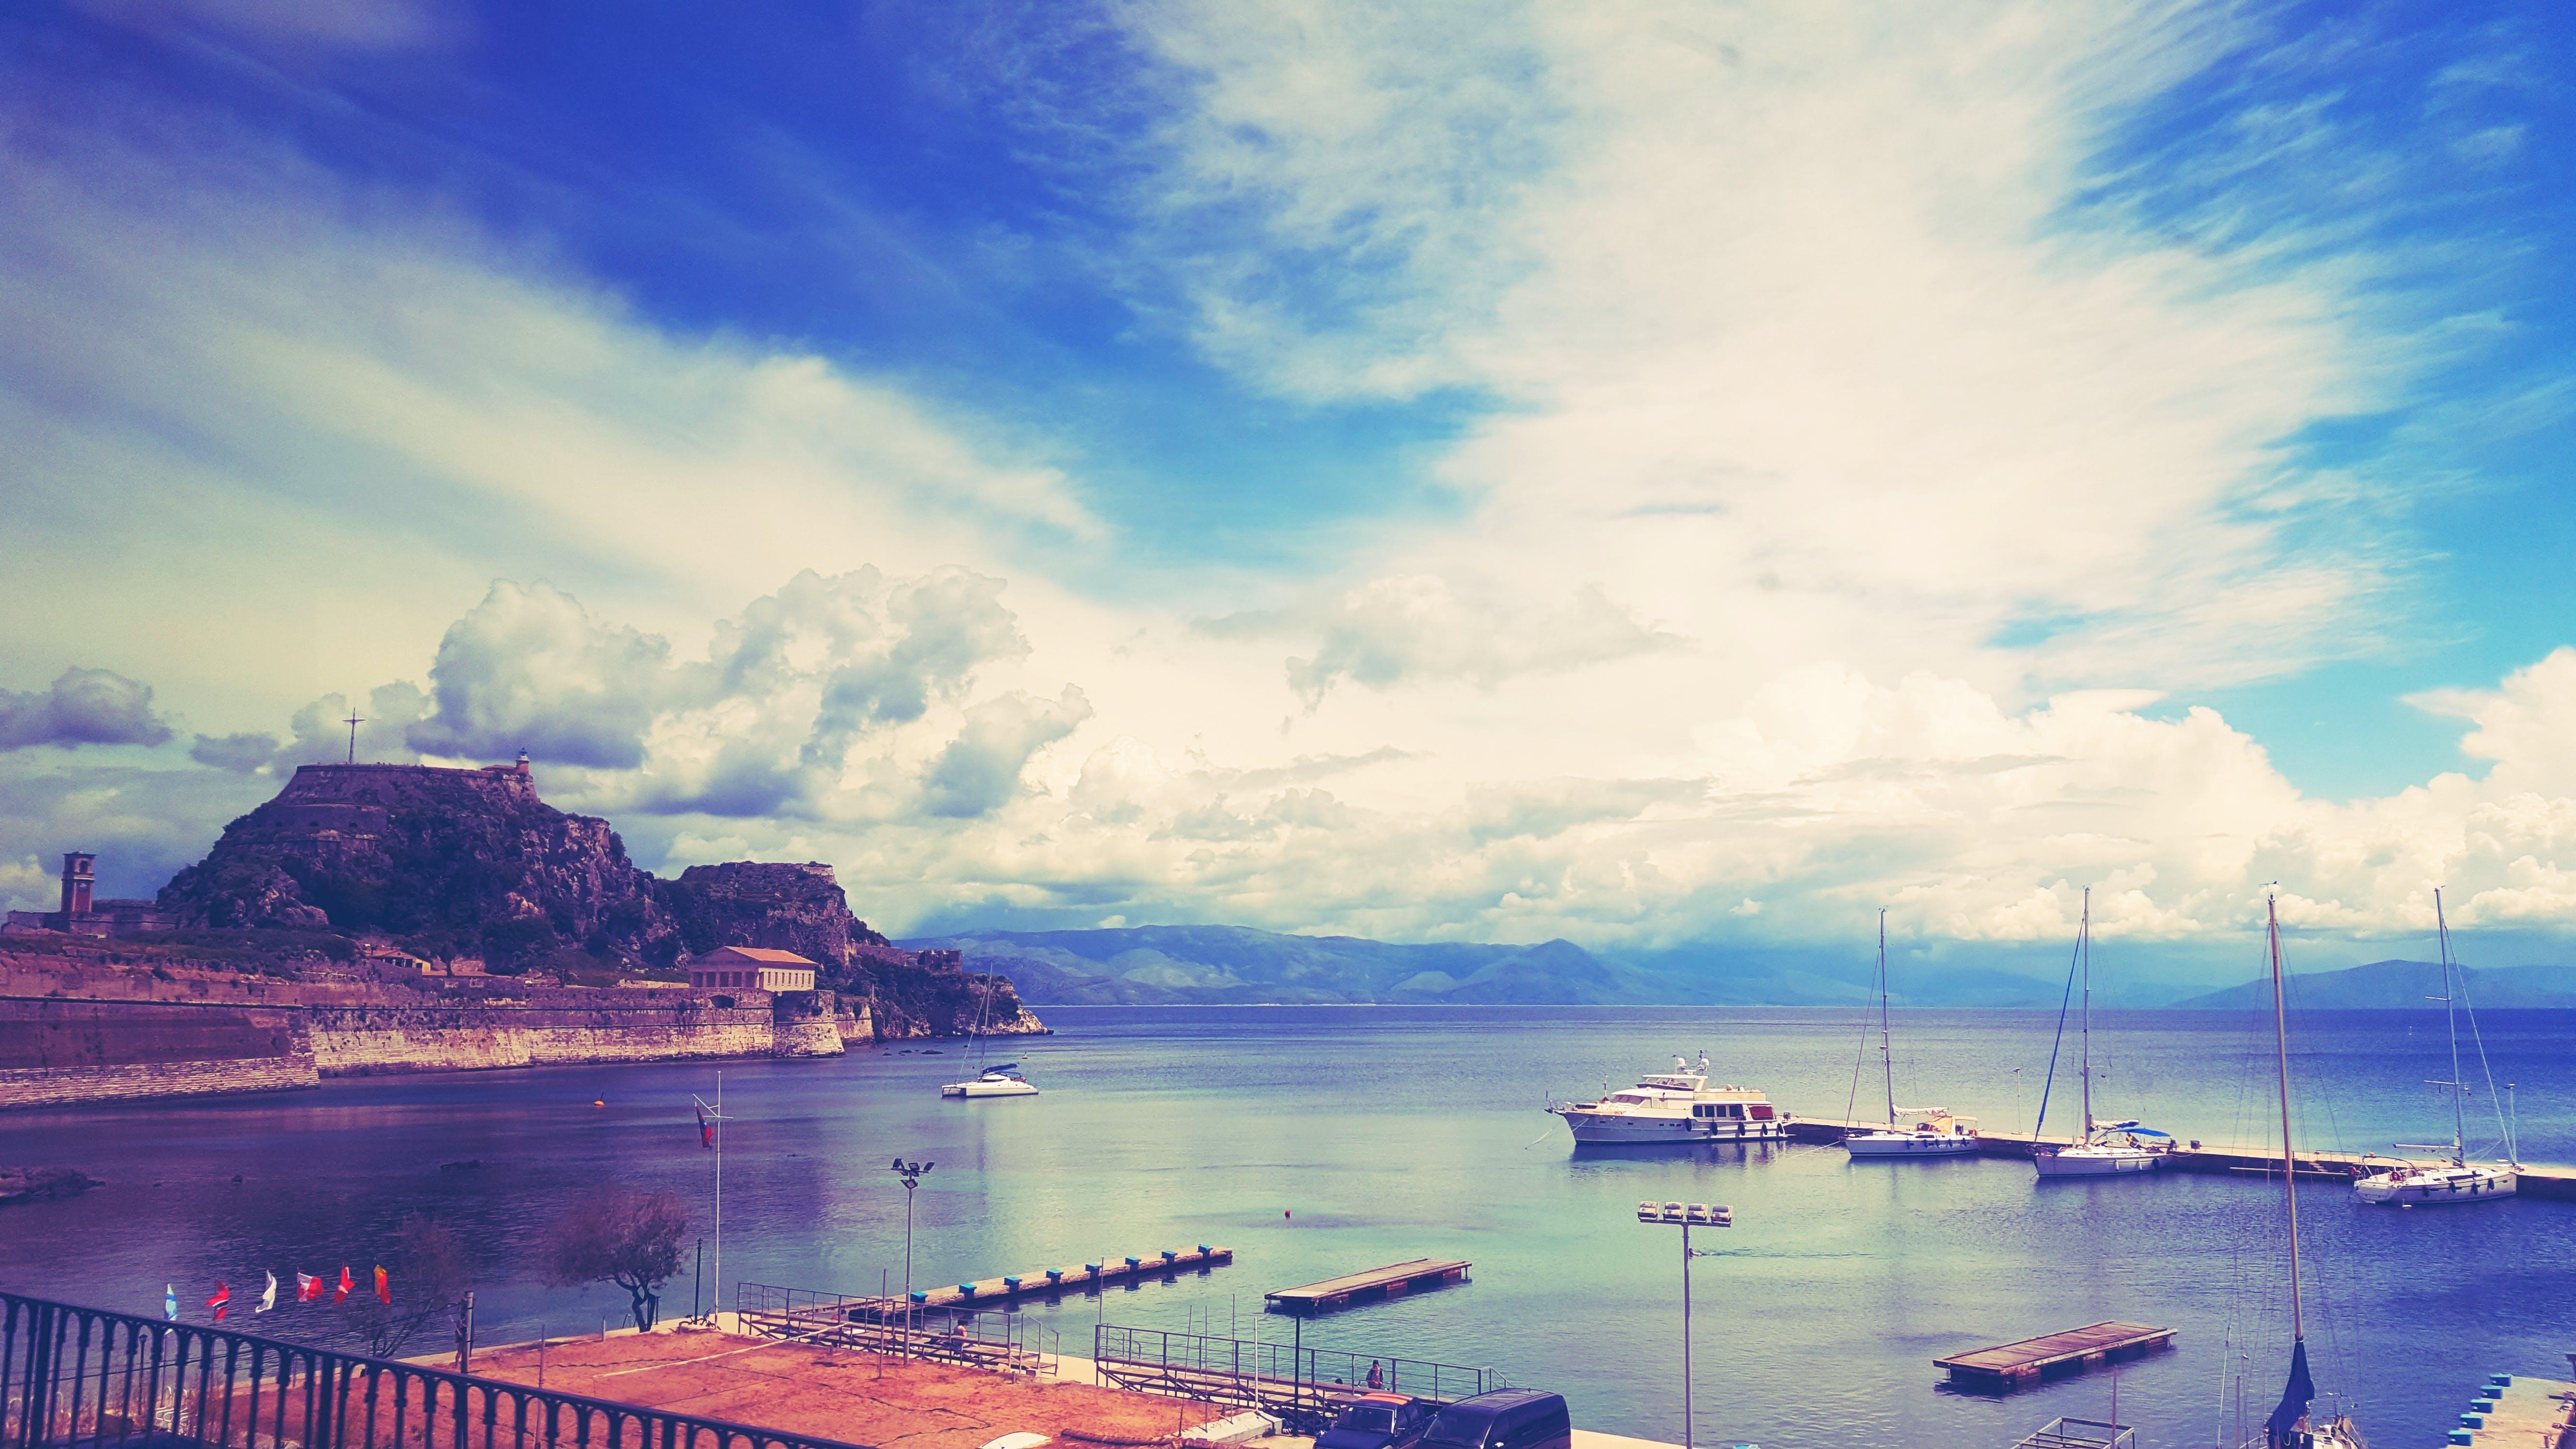 Gratis arkivbilde med #corfu #greece #sea #castle #boats #clouds